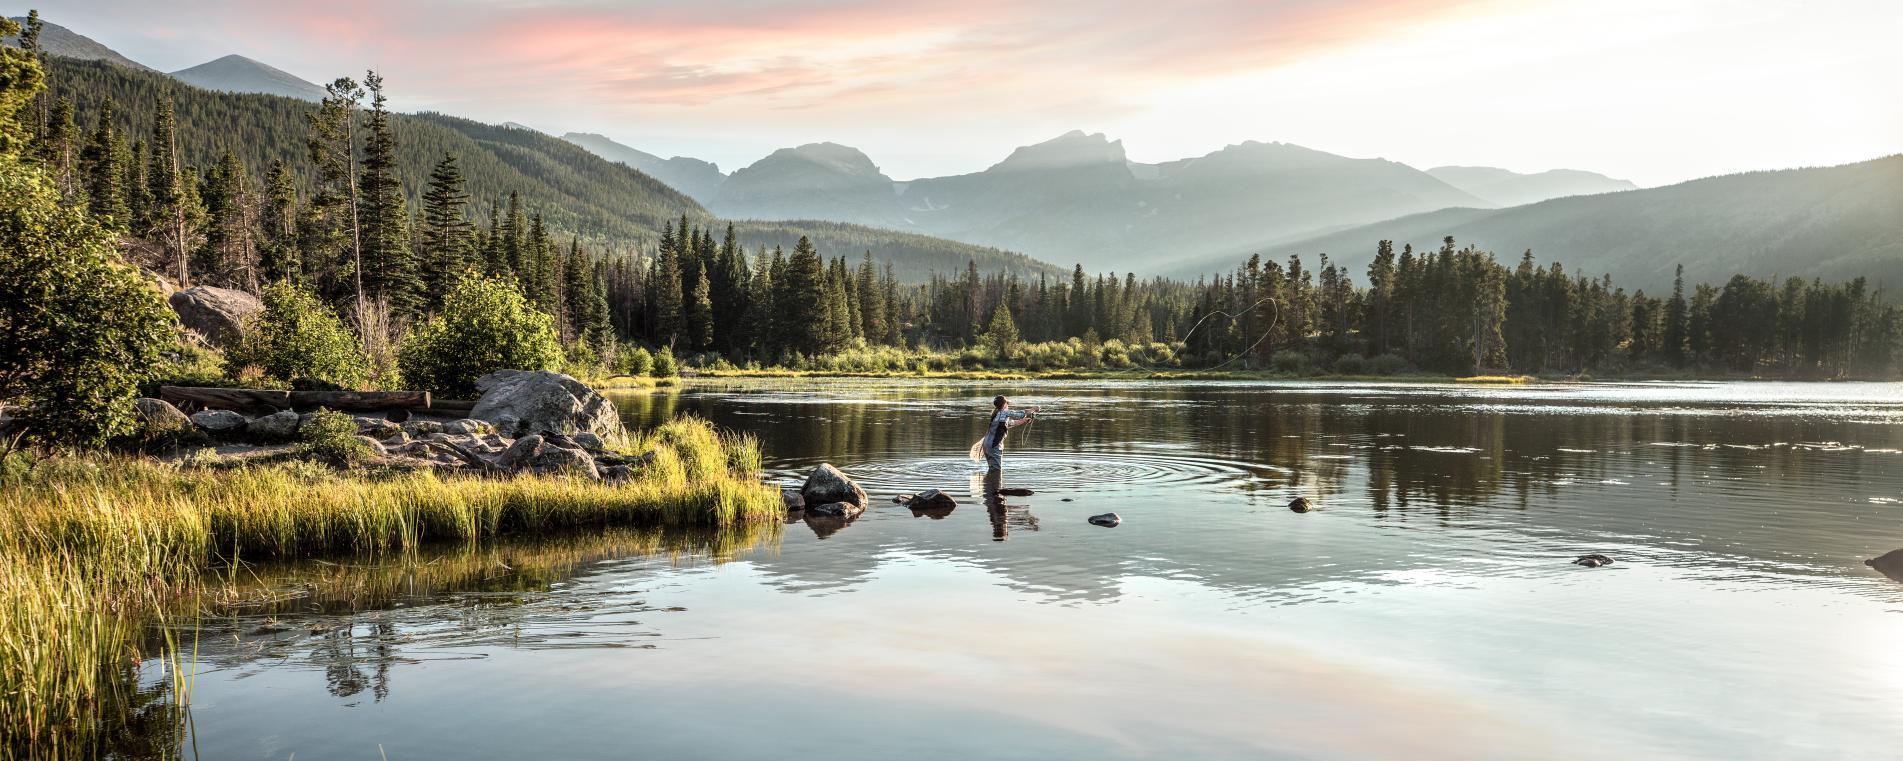 20161031_Colorado_Estes Park_Summer_AllenKennedy_SpragueLake_horiz.2_009